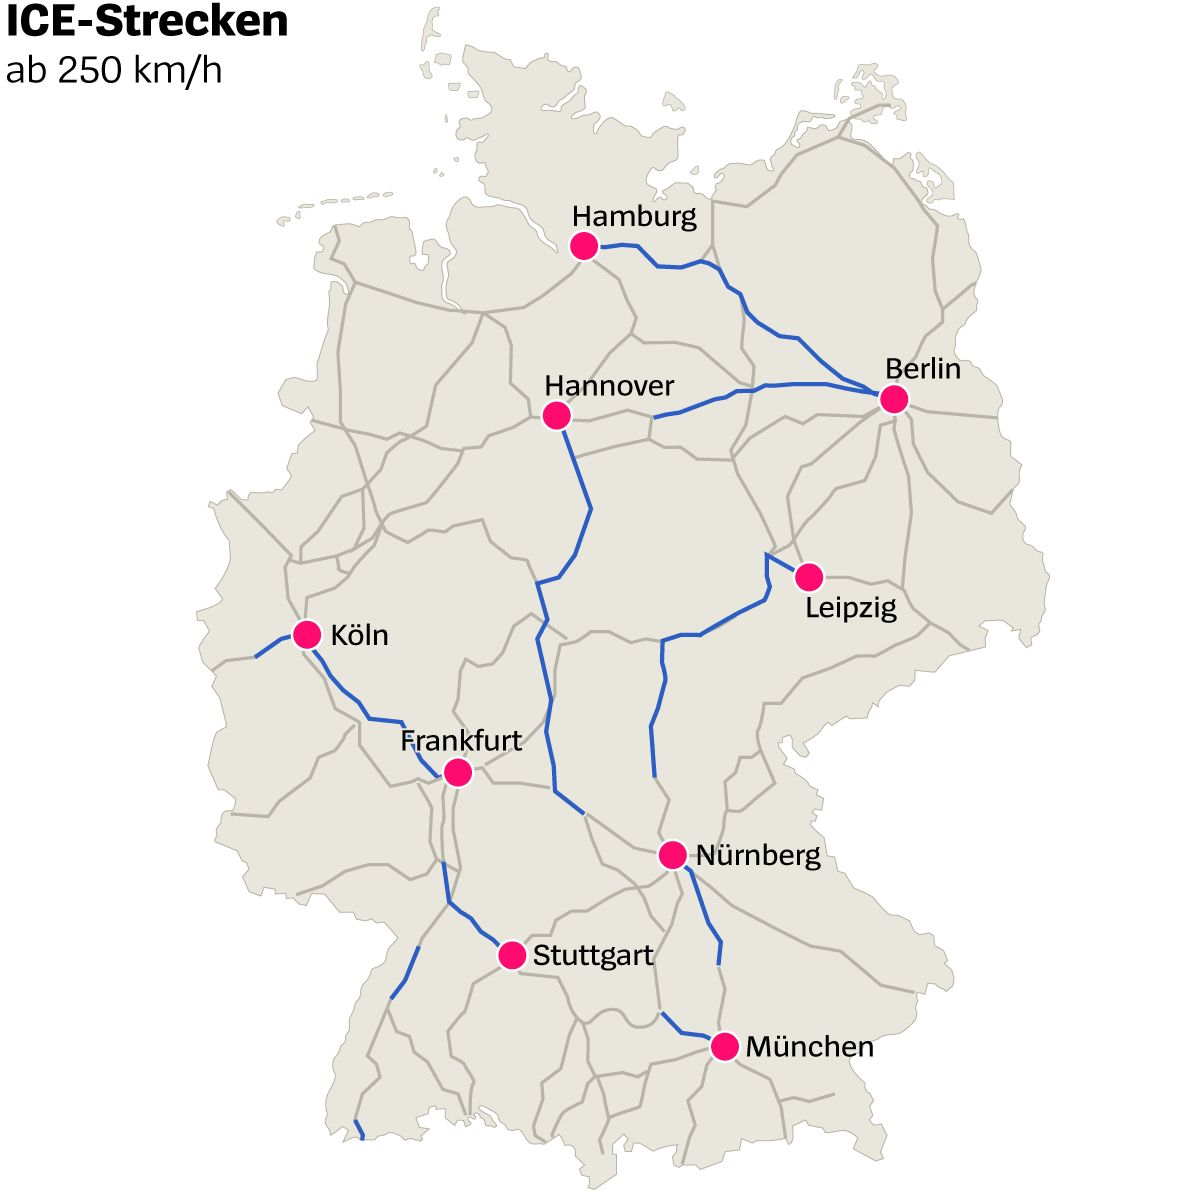 Deutschland karte linien File:Bahnstrecken Deutschland